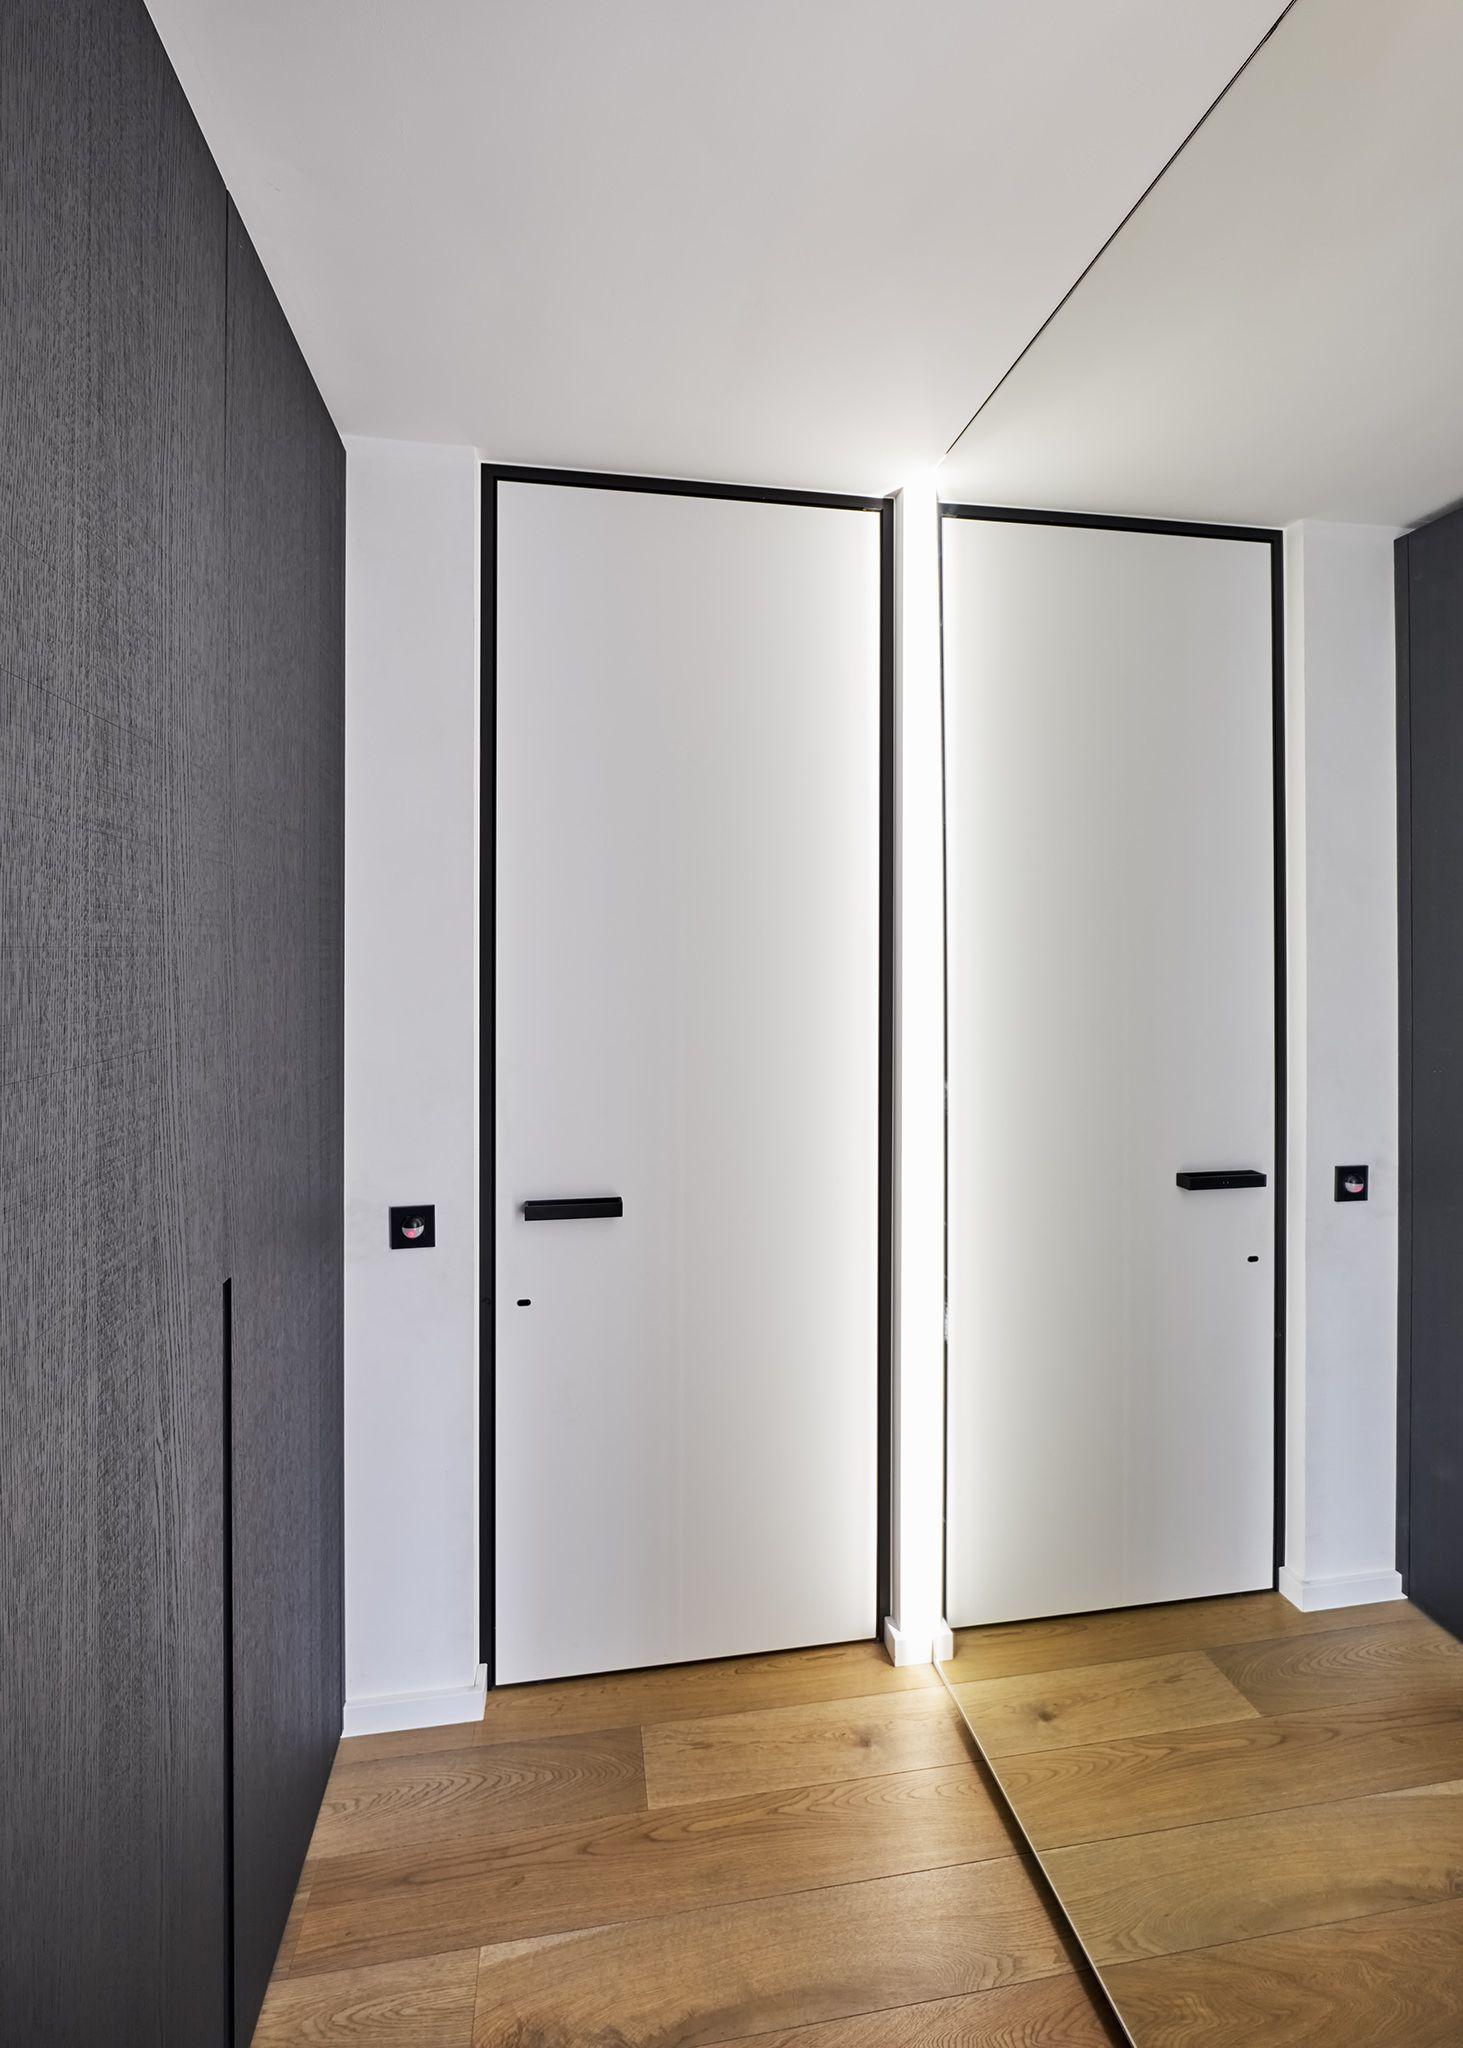 Porte intérieure moderne blanc et noir sur mesure anywaydoors